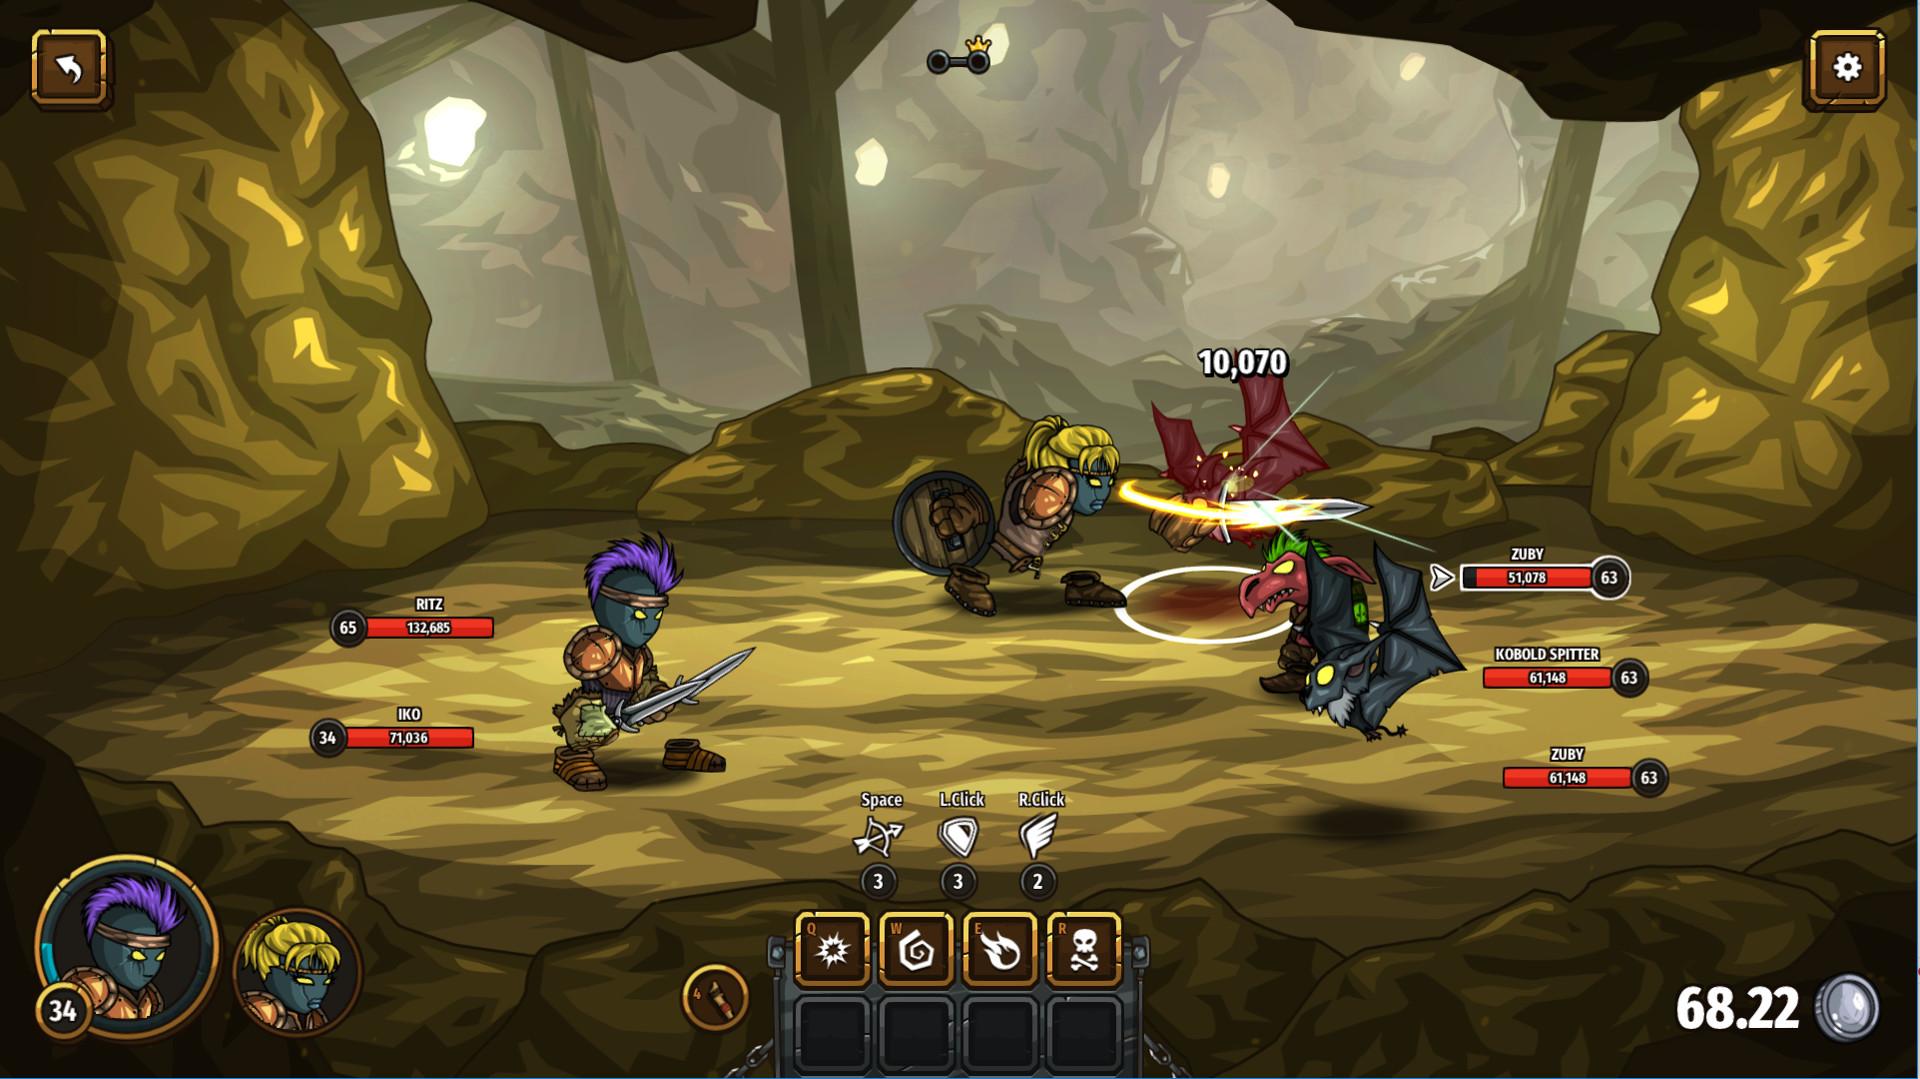 دانلود بازی Swords and Souls Neverseen برای کامپیوتر